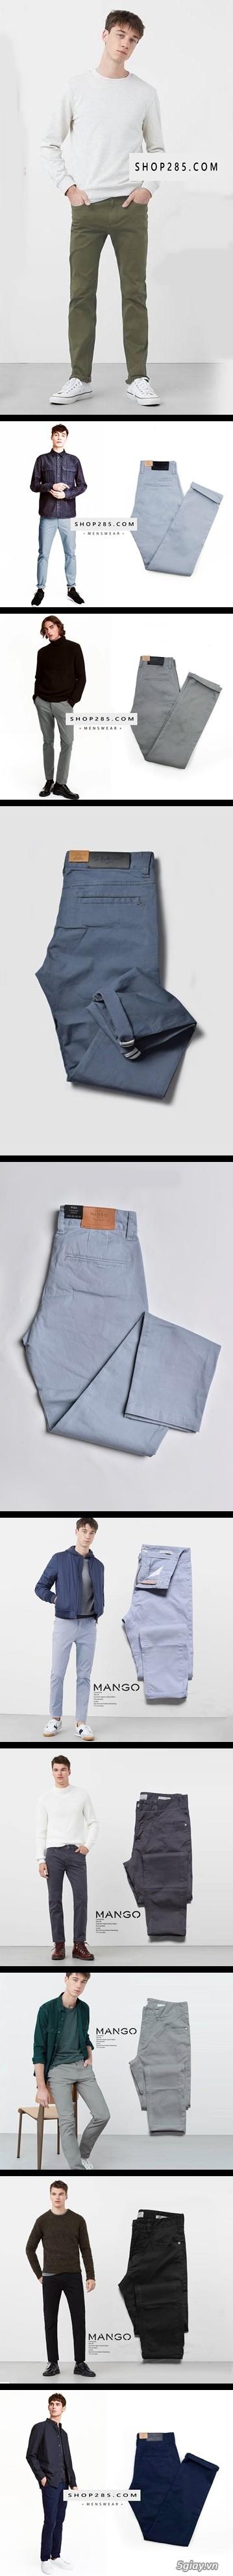 Shop285.com - Shop quần áo thời trang nam VNXK mẫu mới về liên tục ^^ - 28